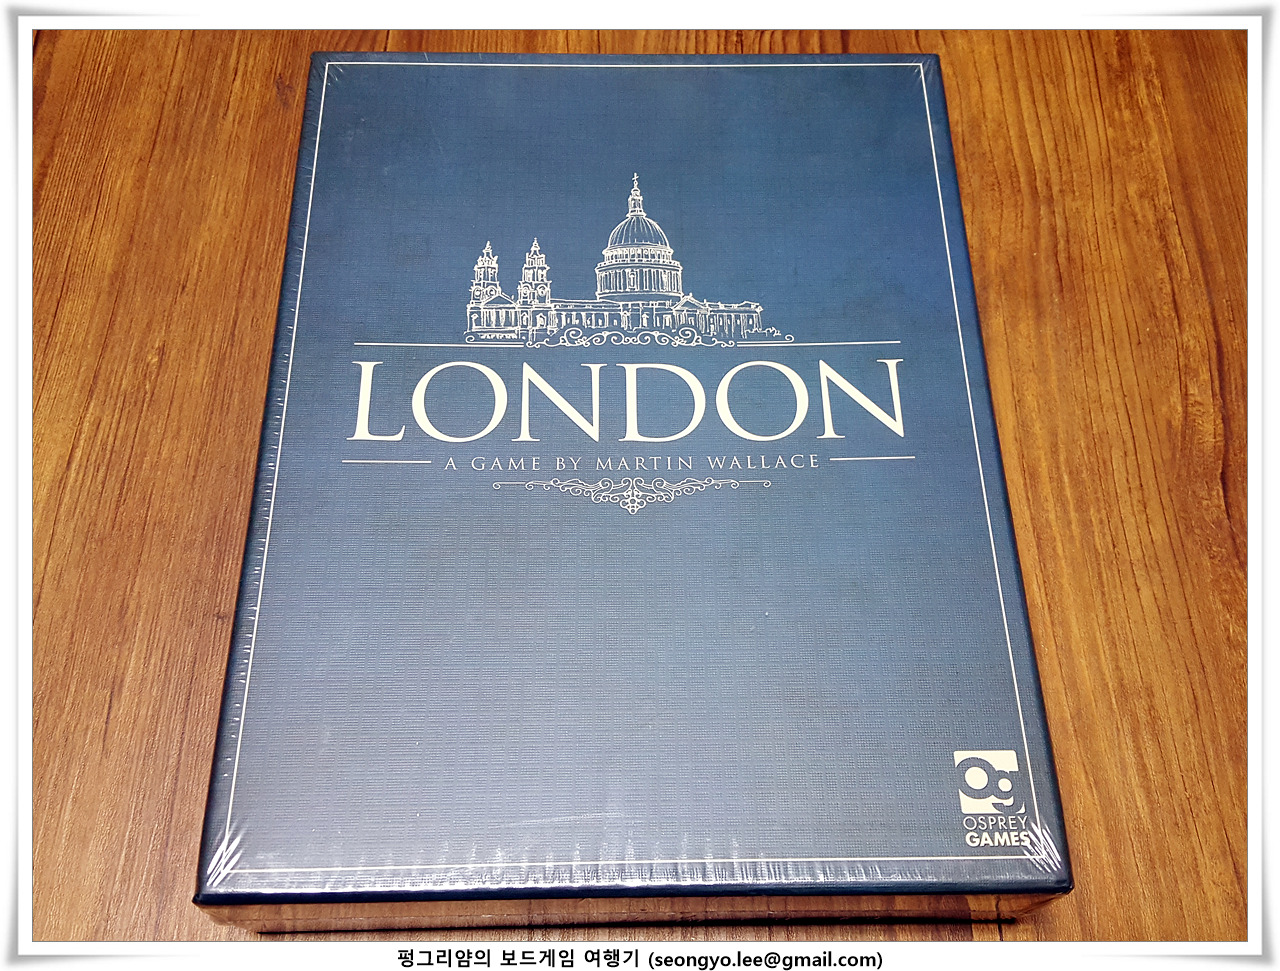 [컴퍼넌트] London 2nd Ed. (런던 2판, 2017)